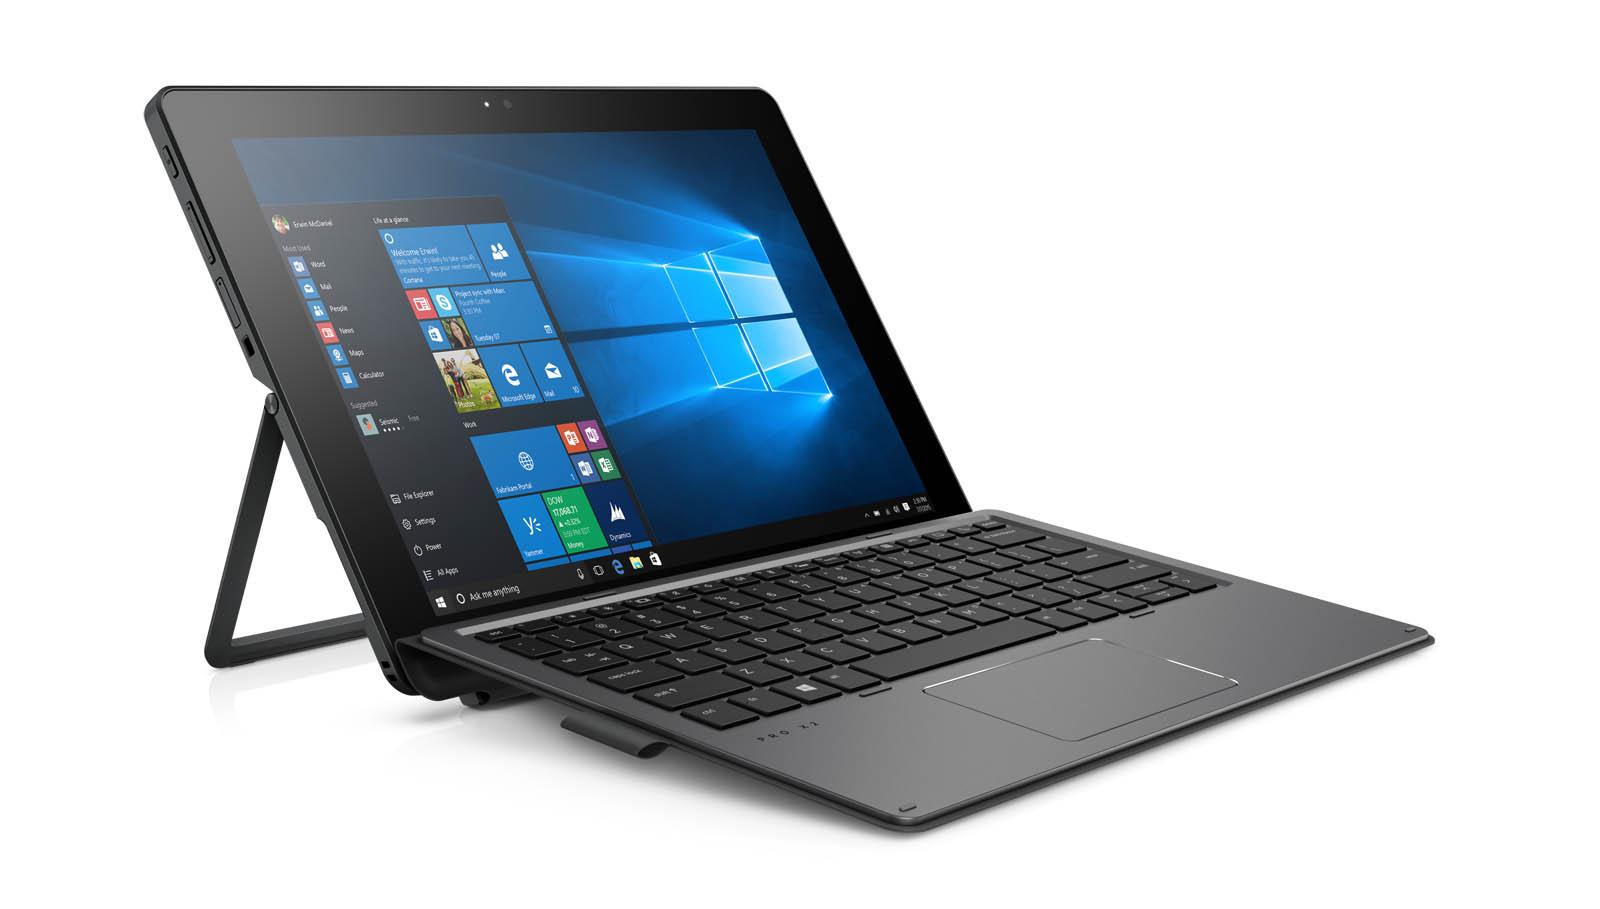 El HP Pro x2 es un tablet híbrido con potencia bruta